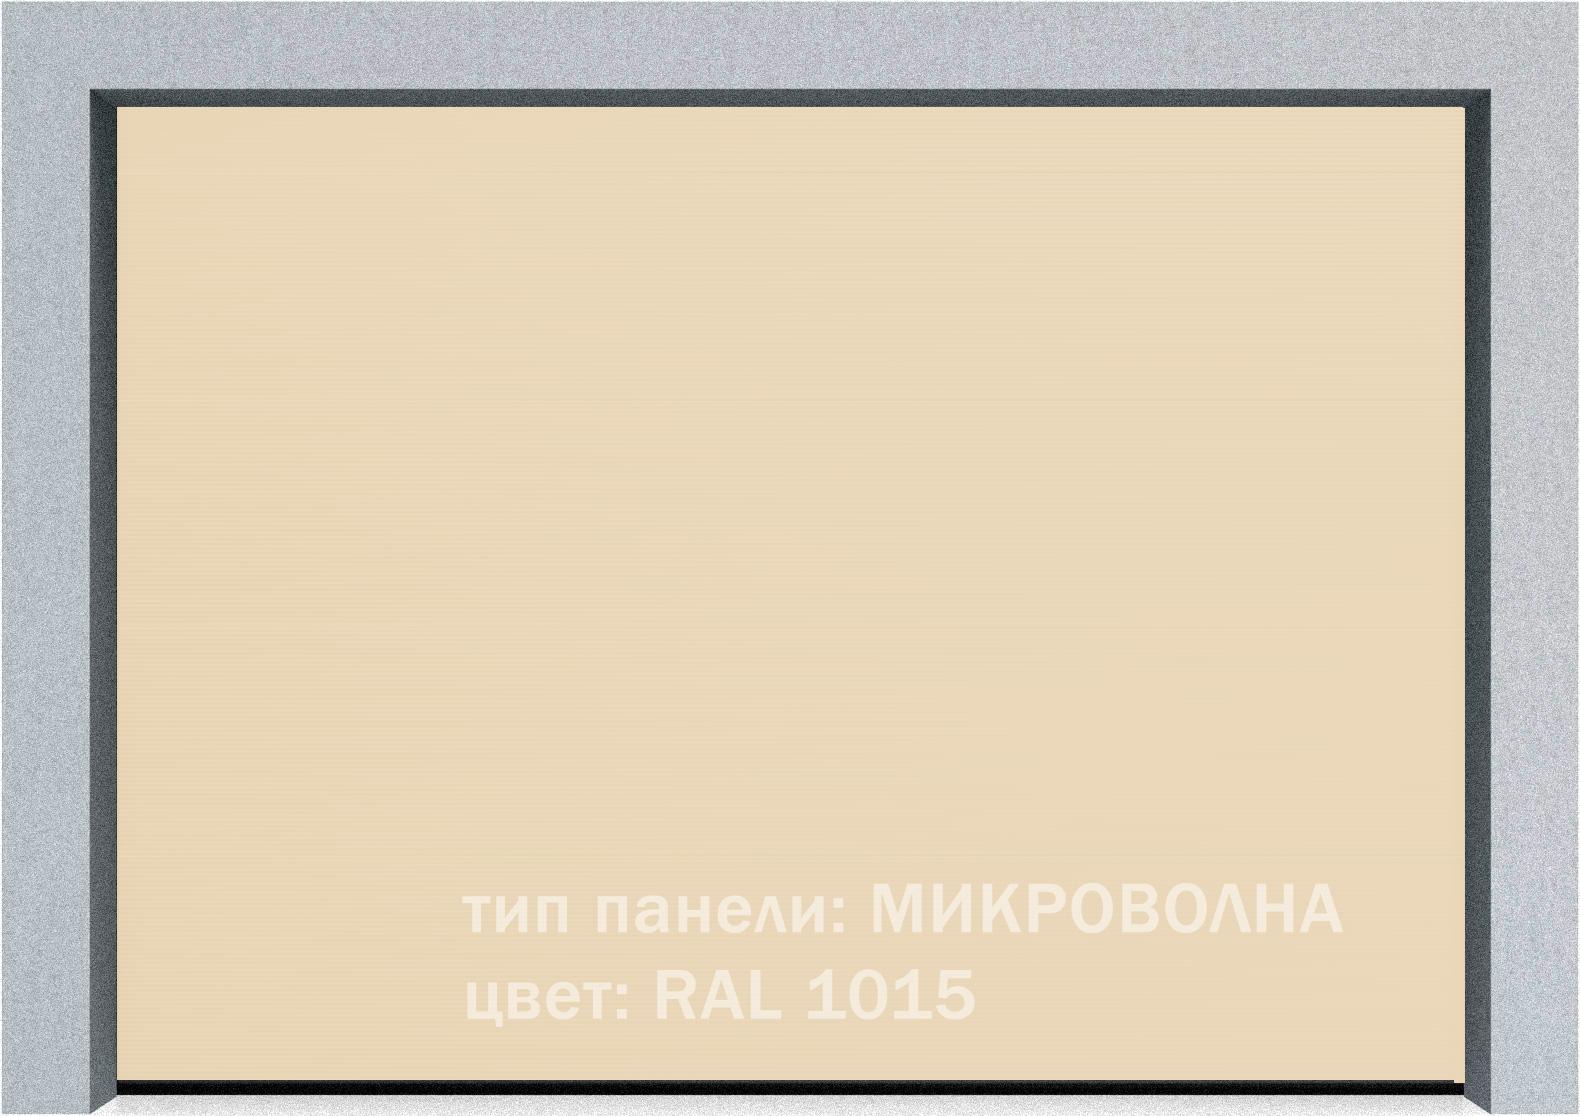 Секционные промышленные ворота Alutech ProTrend 2875х2375 S-гофр, Микроволна стандартные цвета, фото 14